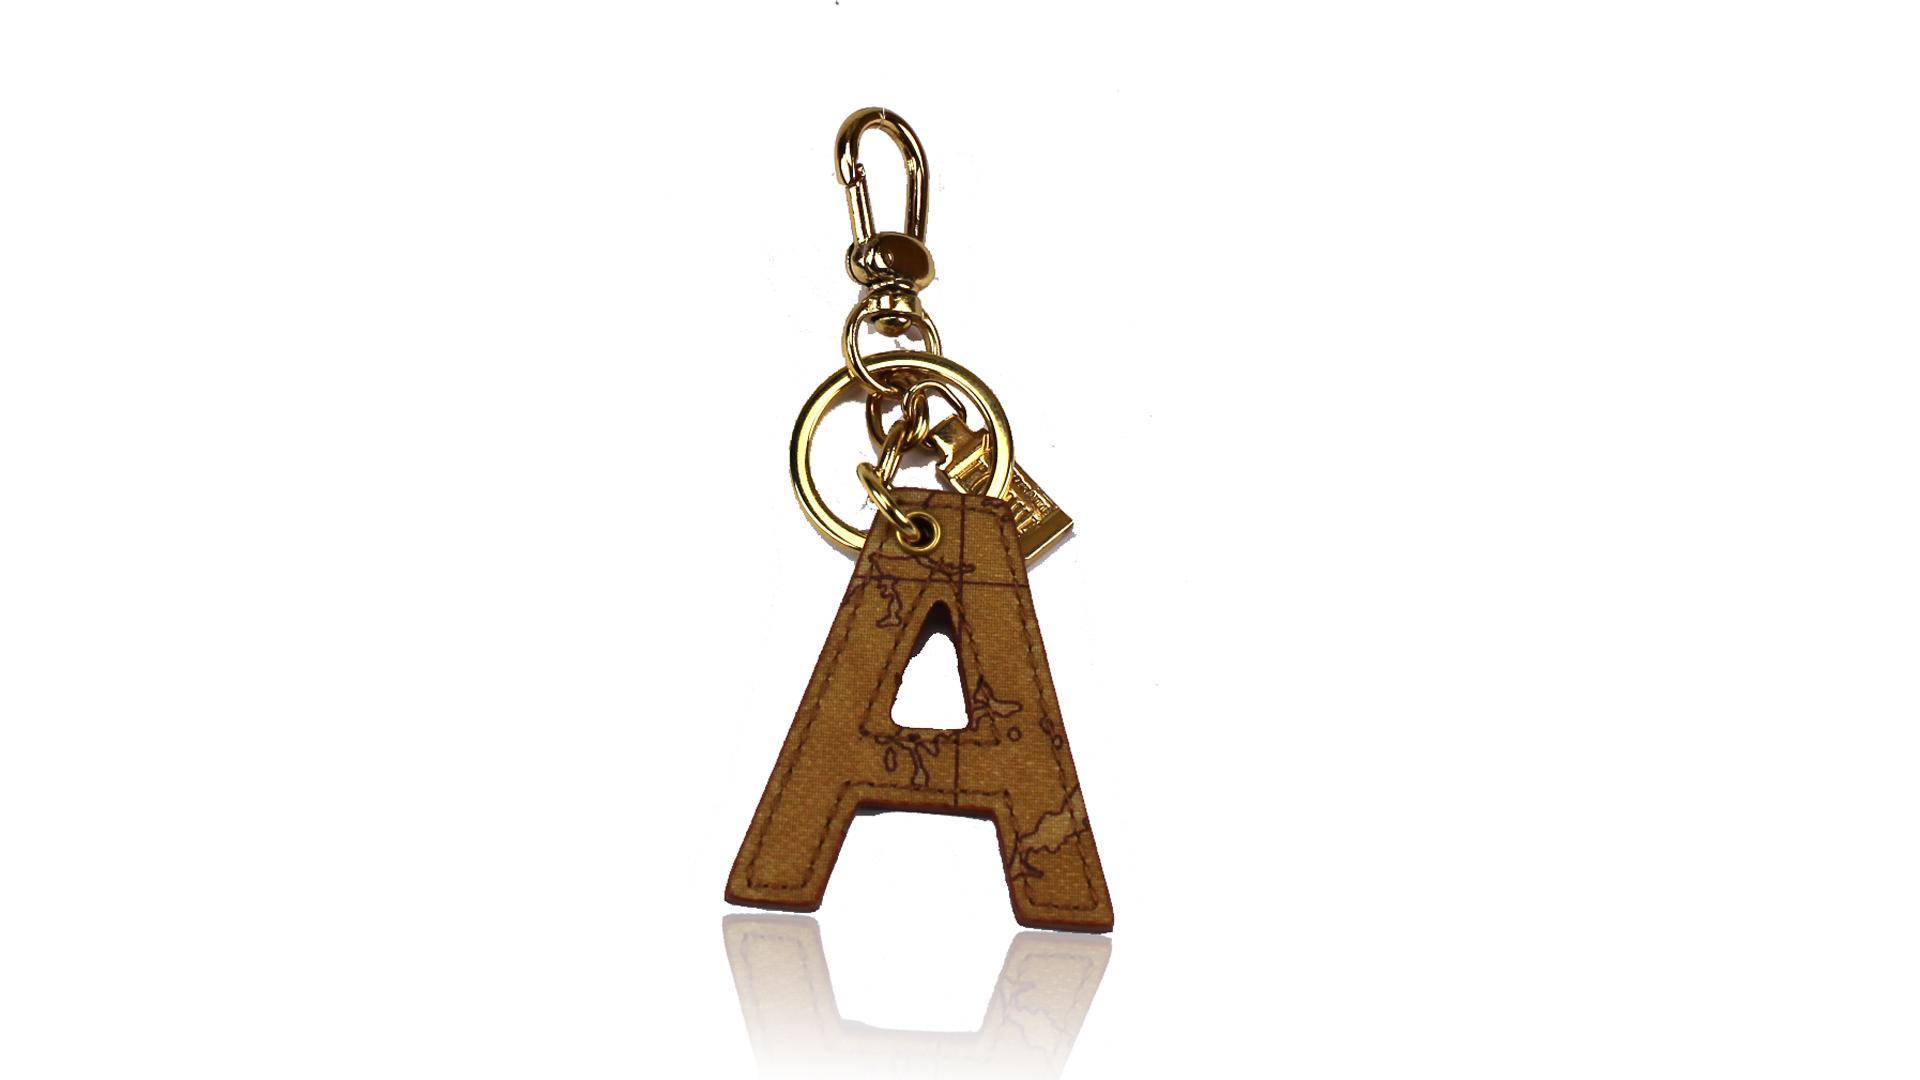 Porta chiavi alviero martini 1a classe p00a 6000 010 classico - Porta agenda alviero martini ...